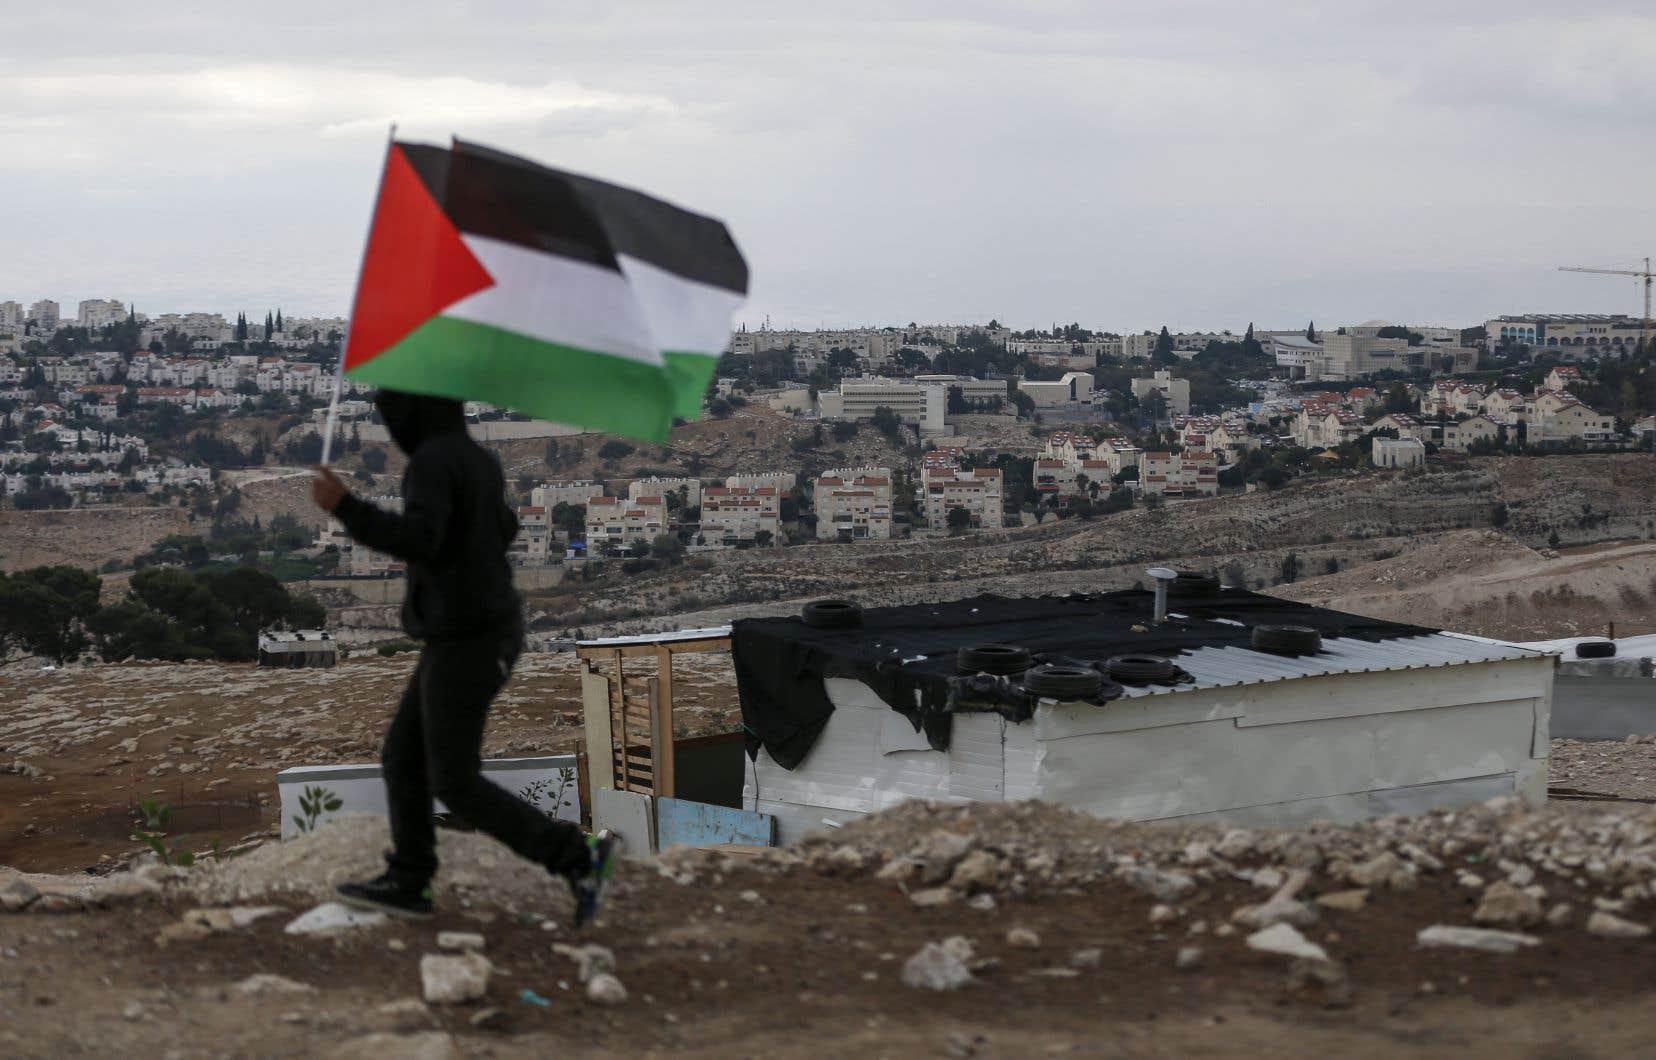 Un jeune palestinien, lors d'une manifestation près de la colonie israélienne de Maale Adumim en Cisjordanie occupée, en 2017.